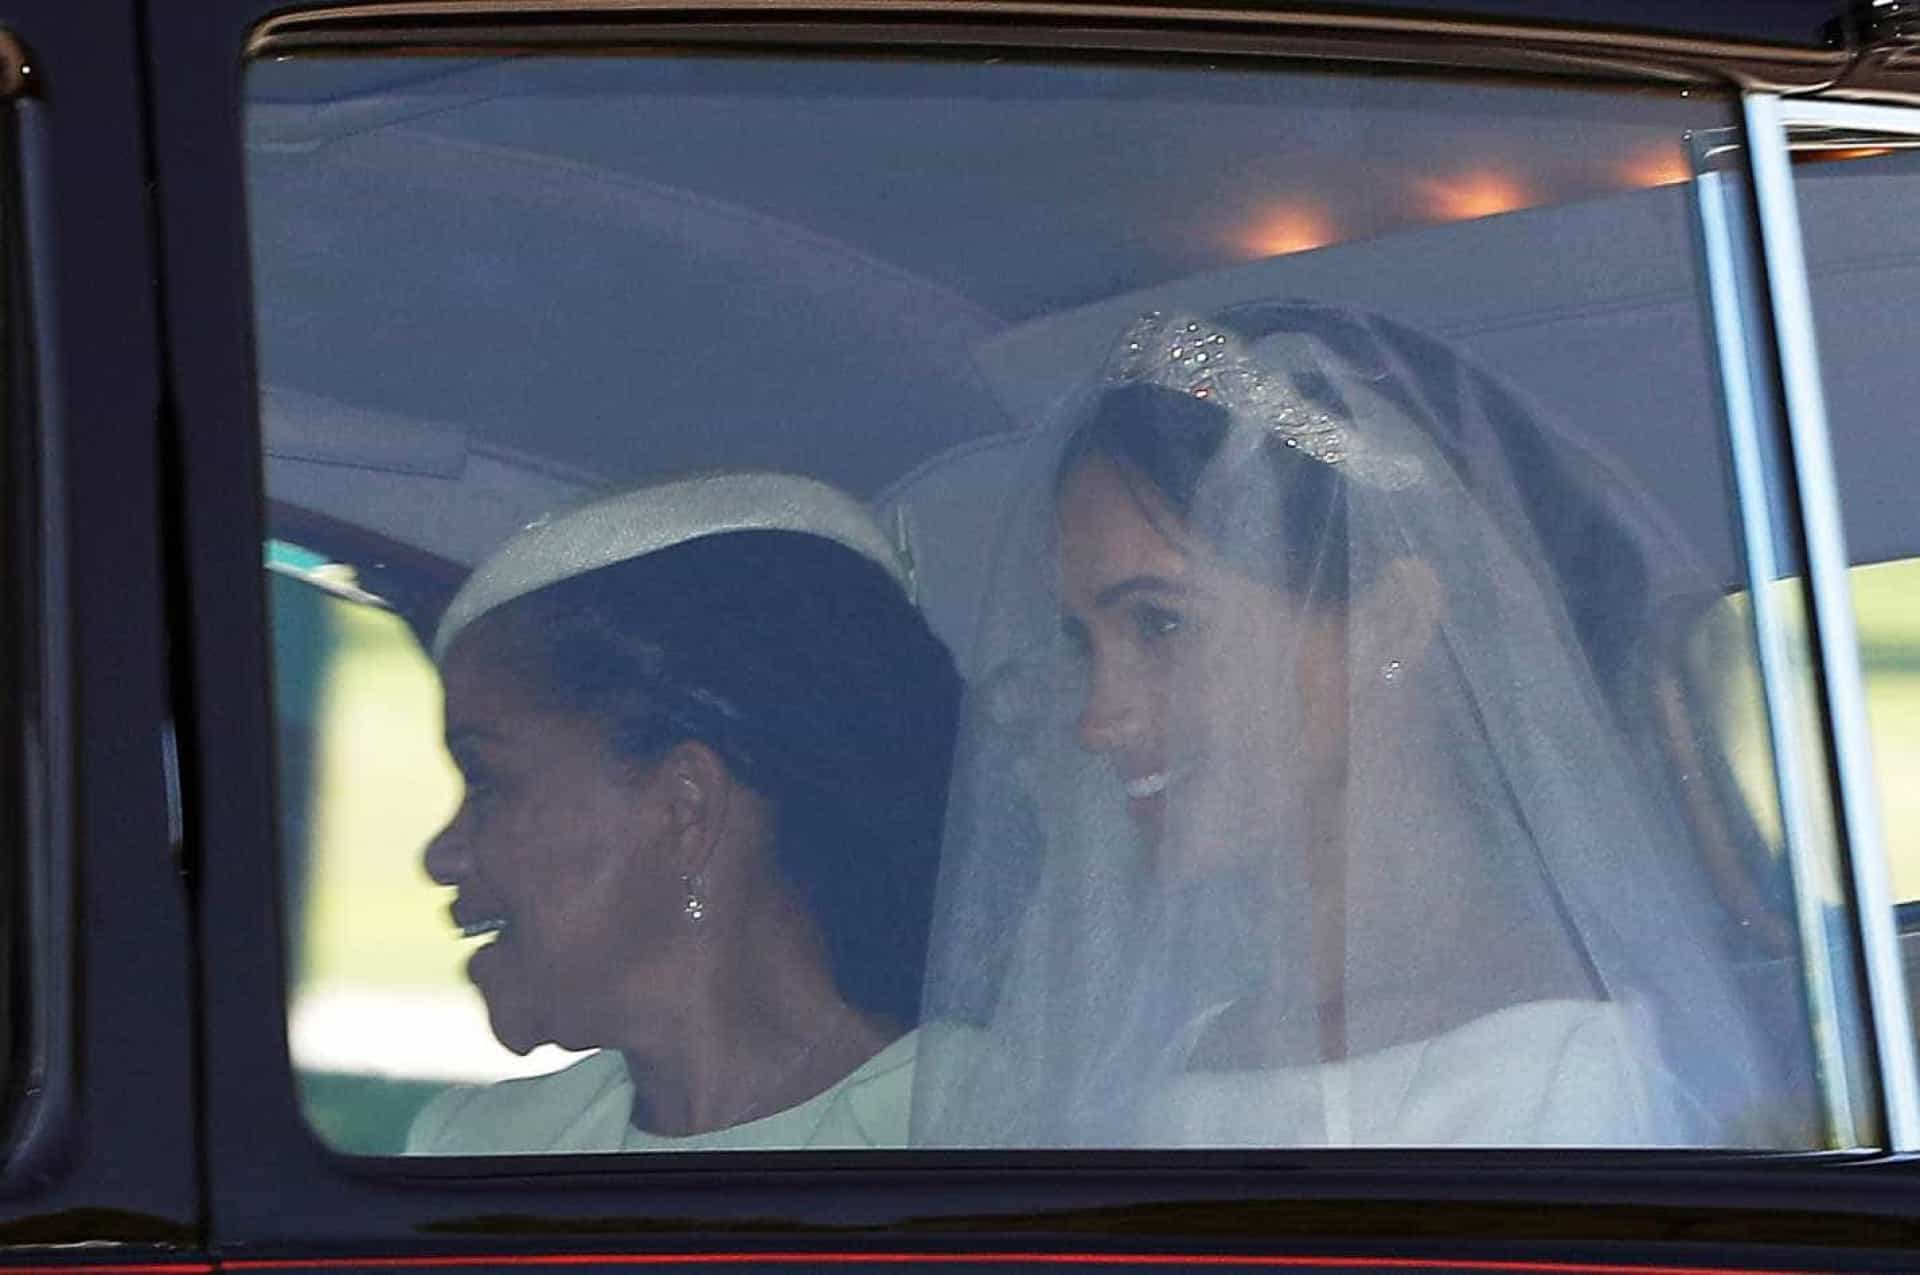 Príncipe Harry e Meghan Markle se casam; veja fotos